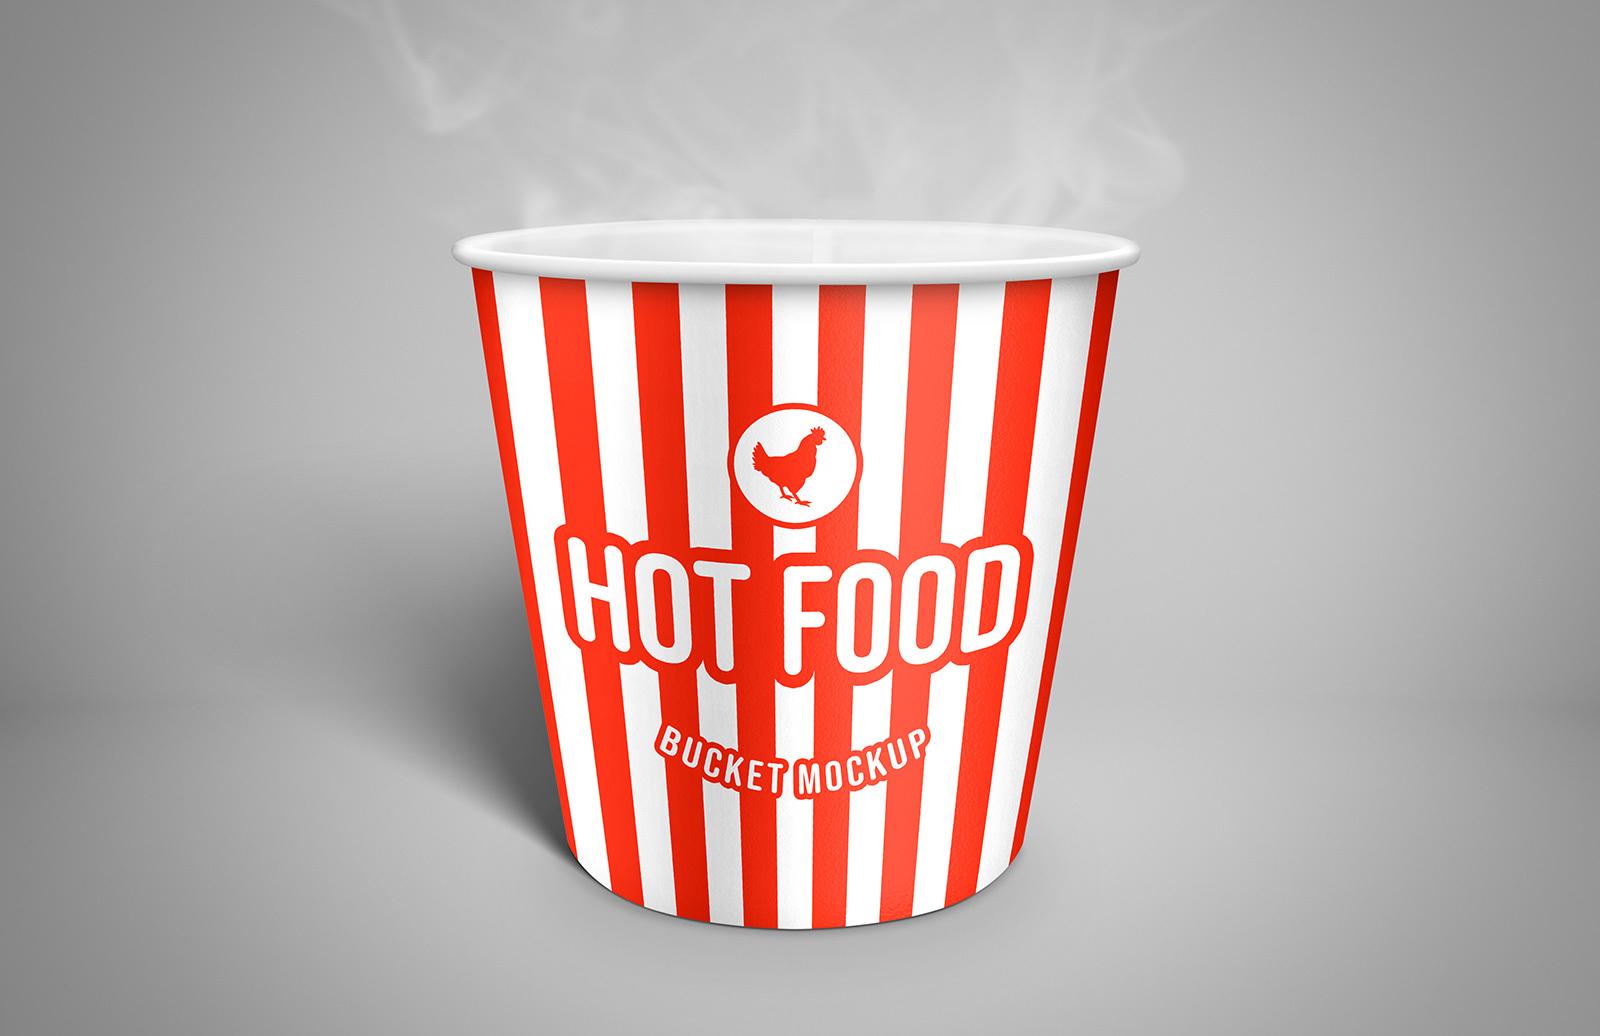 Hot Food Bucket Mockup